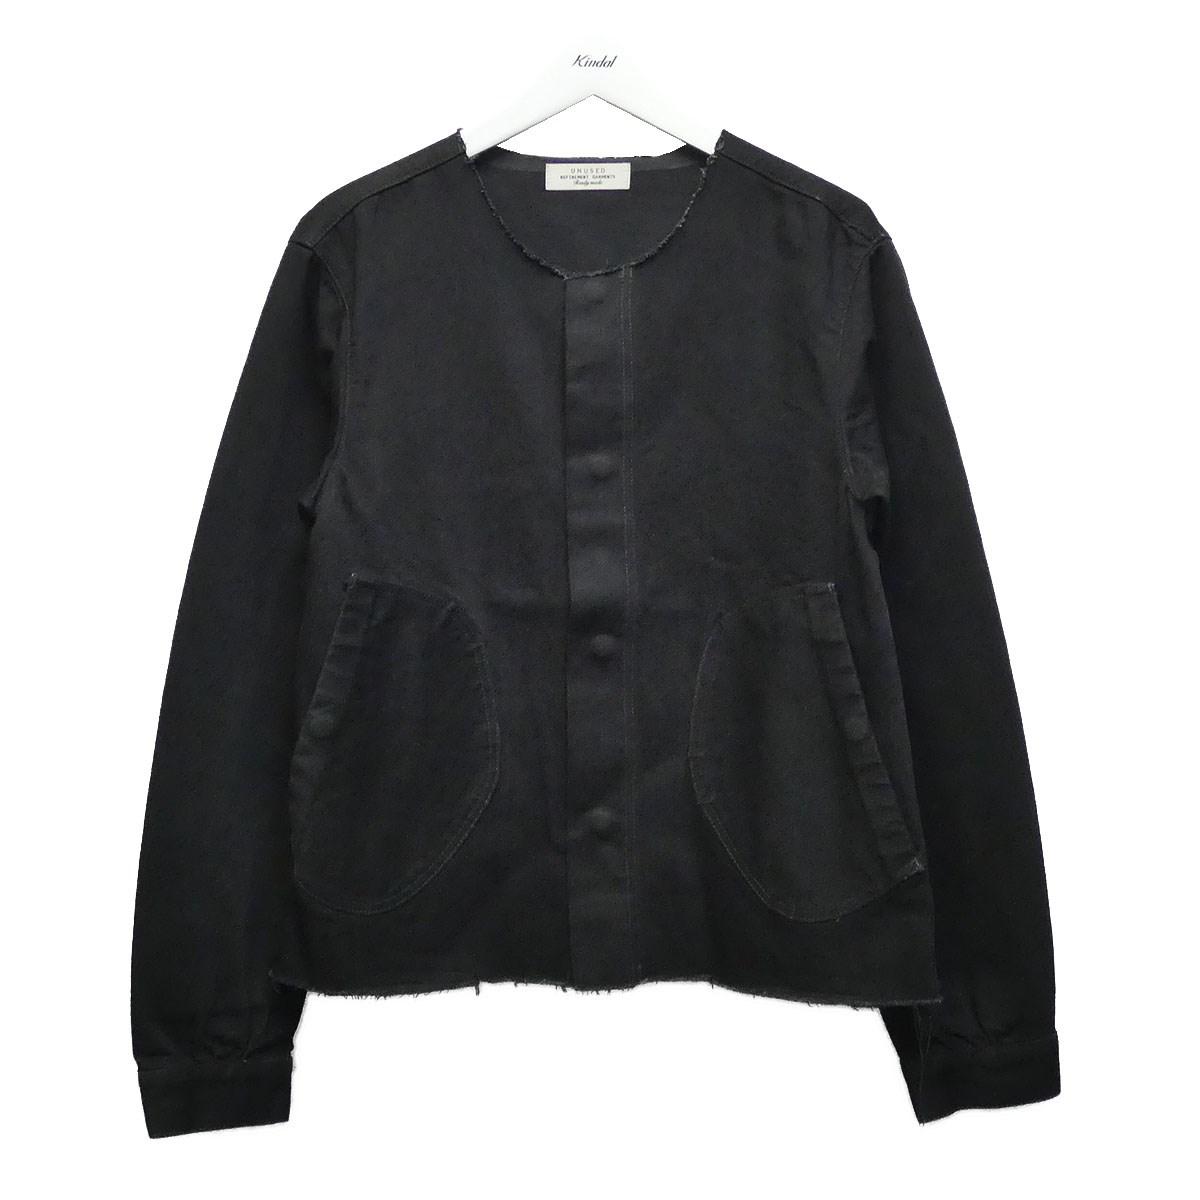 【中古】UNUSED カットオフノーカラーデニムジャケット ブラック サイズ:2 【260620】(アンユーズド)